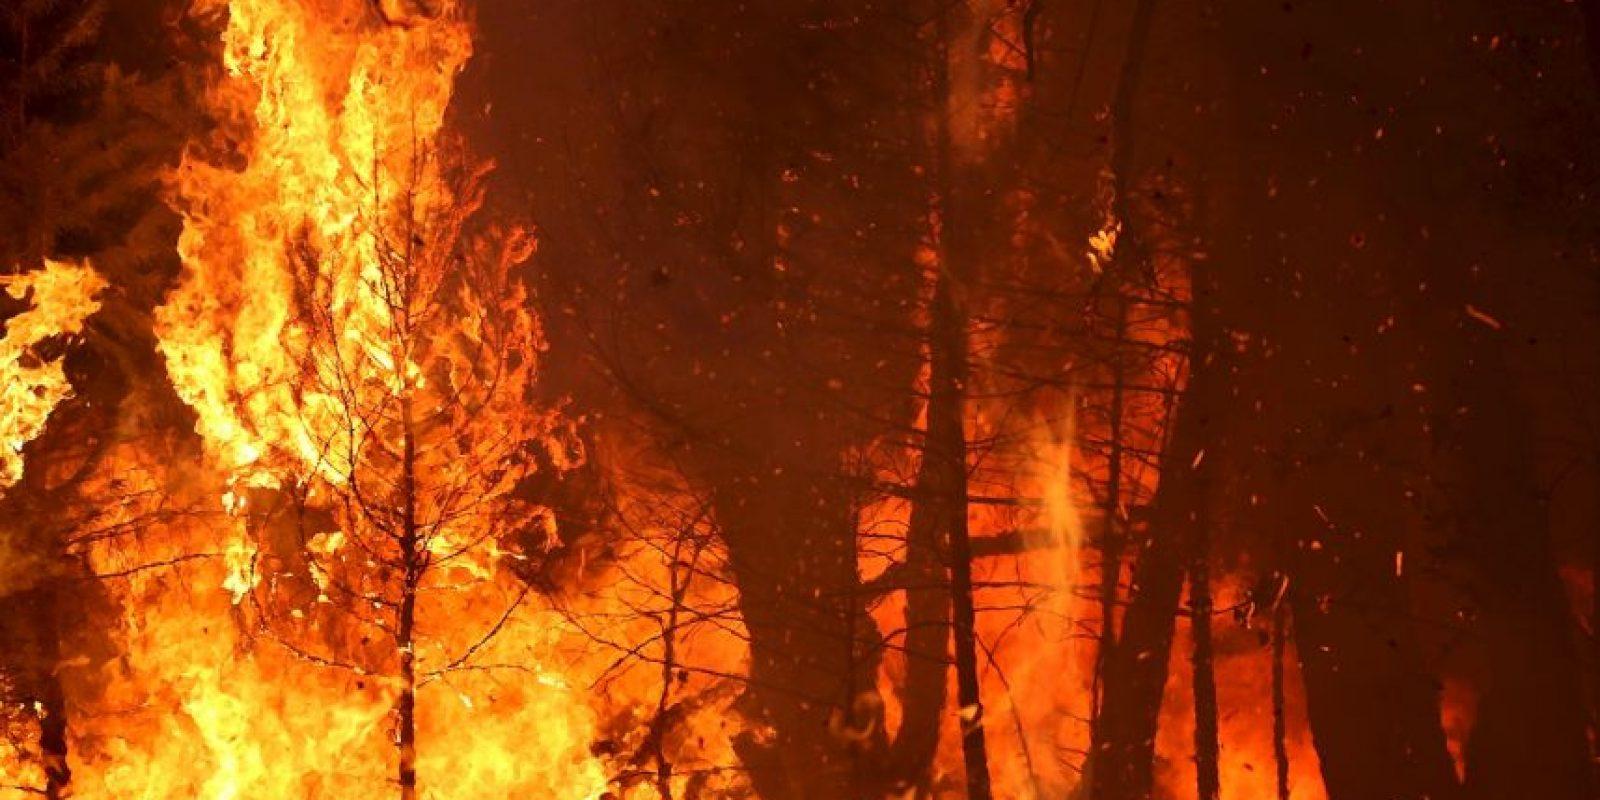 Mantenerse cerca del área de peligro. El fuego puede avivarse y tornarse más peligroso Foto:Getty Images